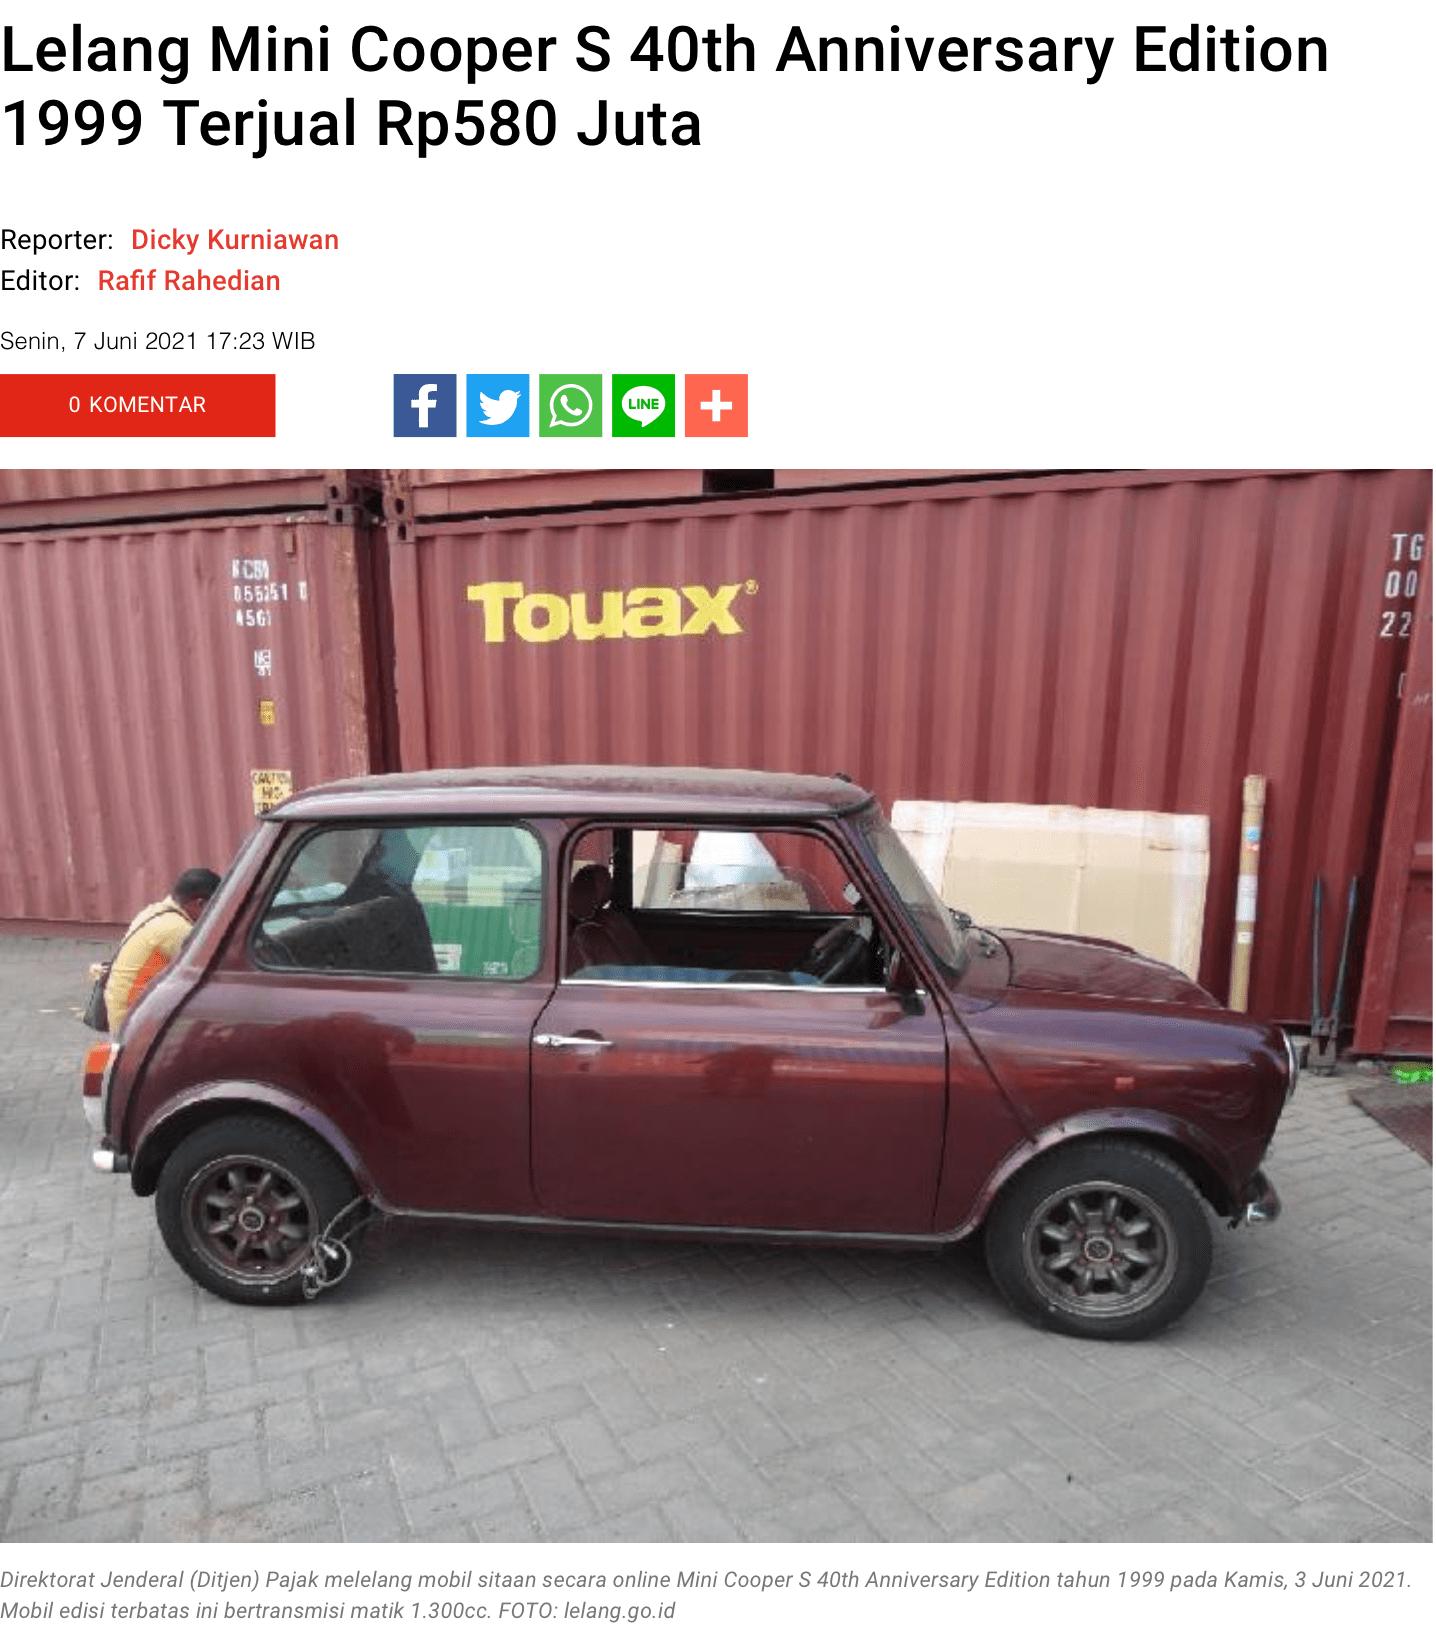 Lelang Mini Cooper S 40th Anniversary Edition 1999 Terjual Rp580 Juta